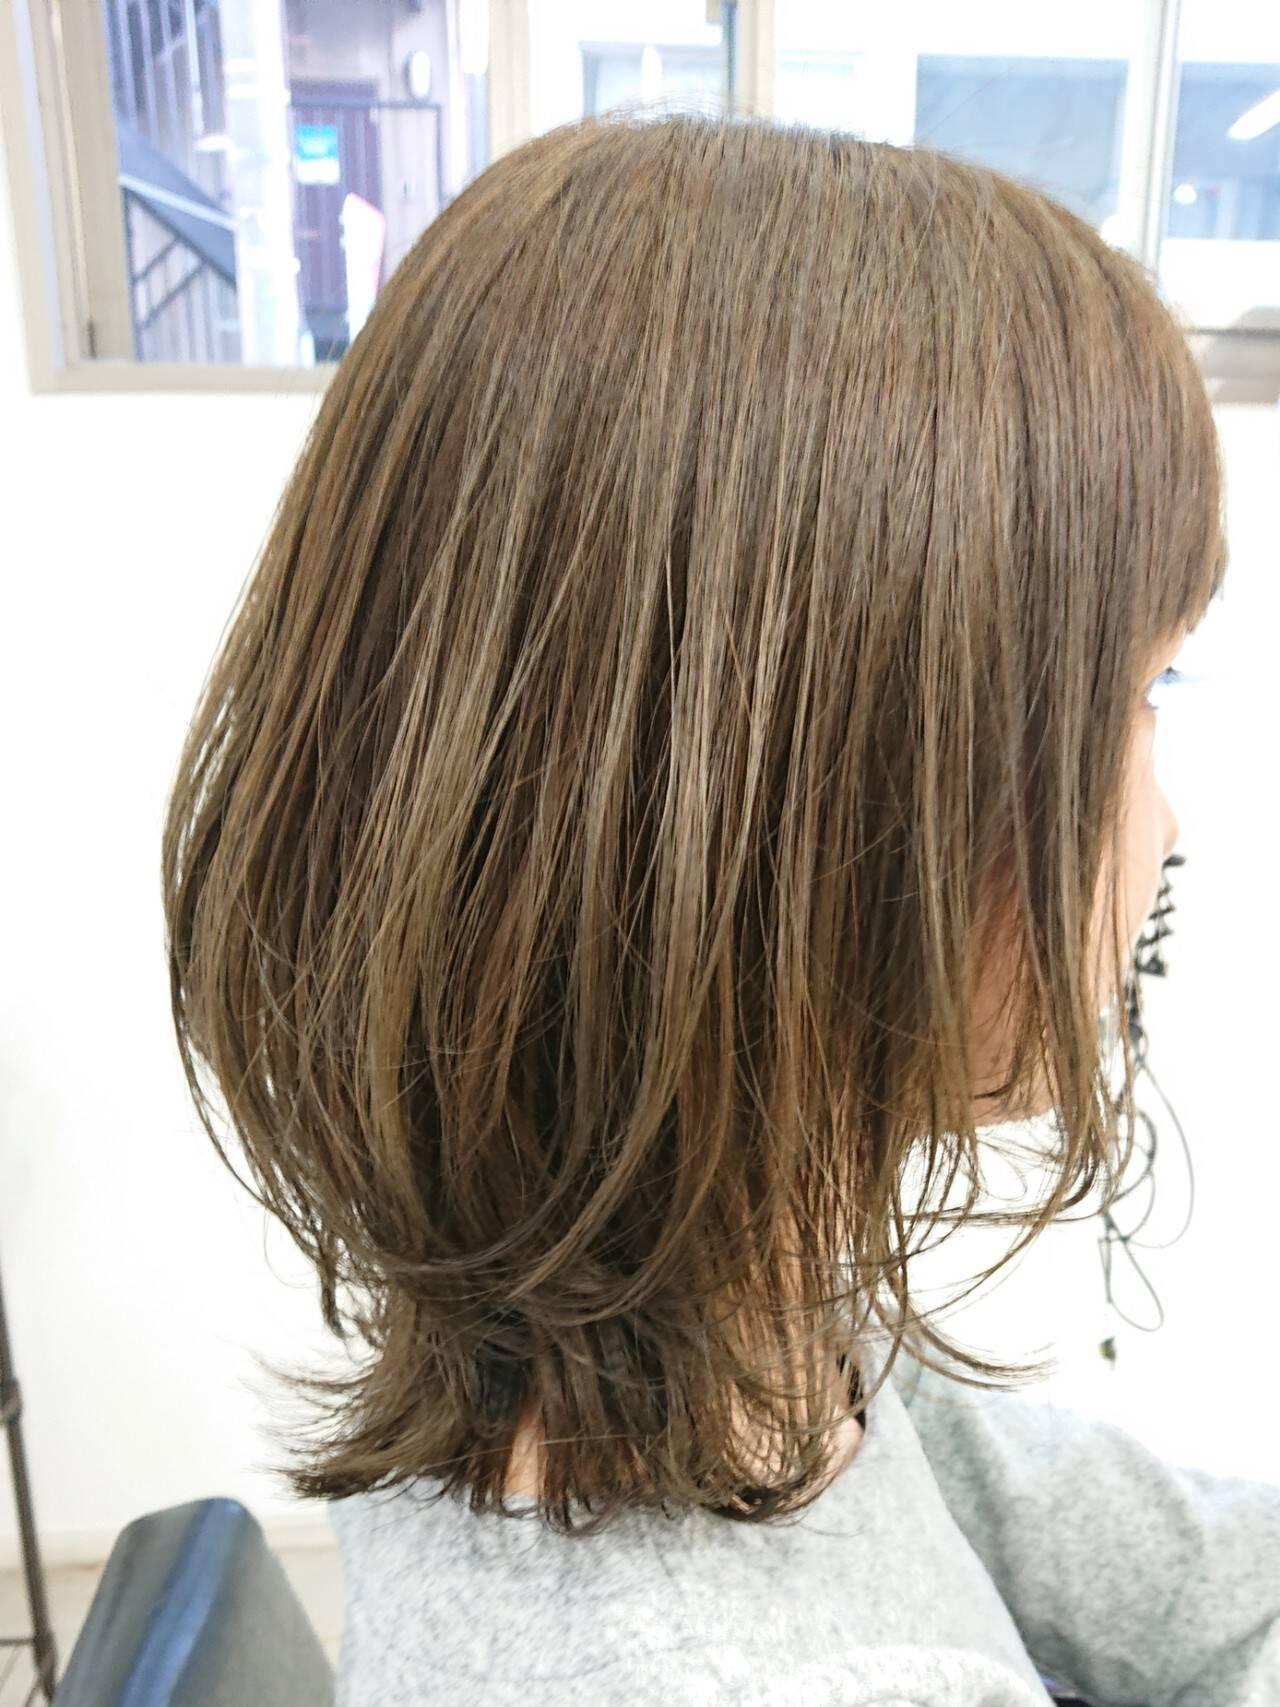 ウルフカット アッシュ ミディアム 簡単スタイリングヘアスタイルや髪型の写真・画像